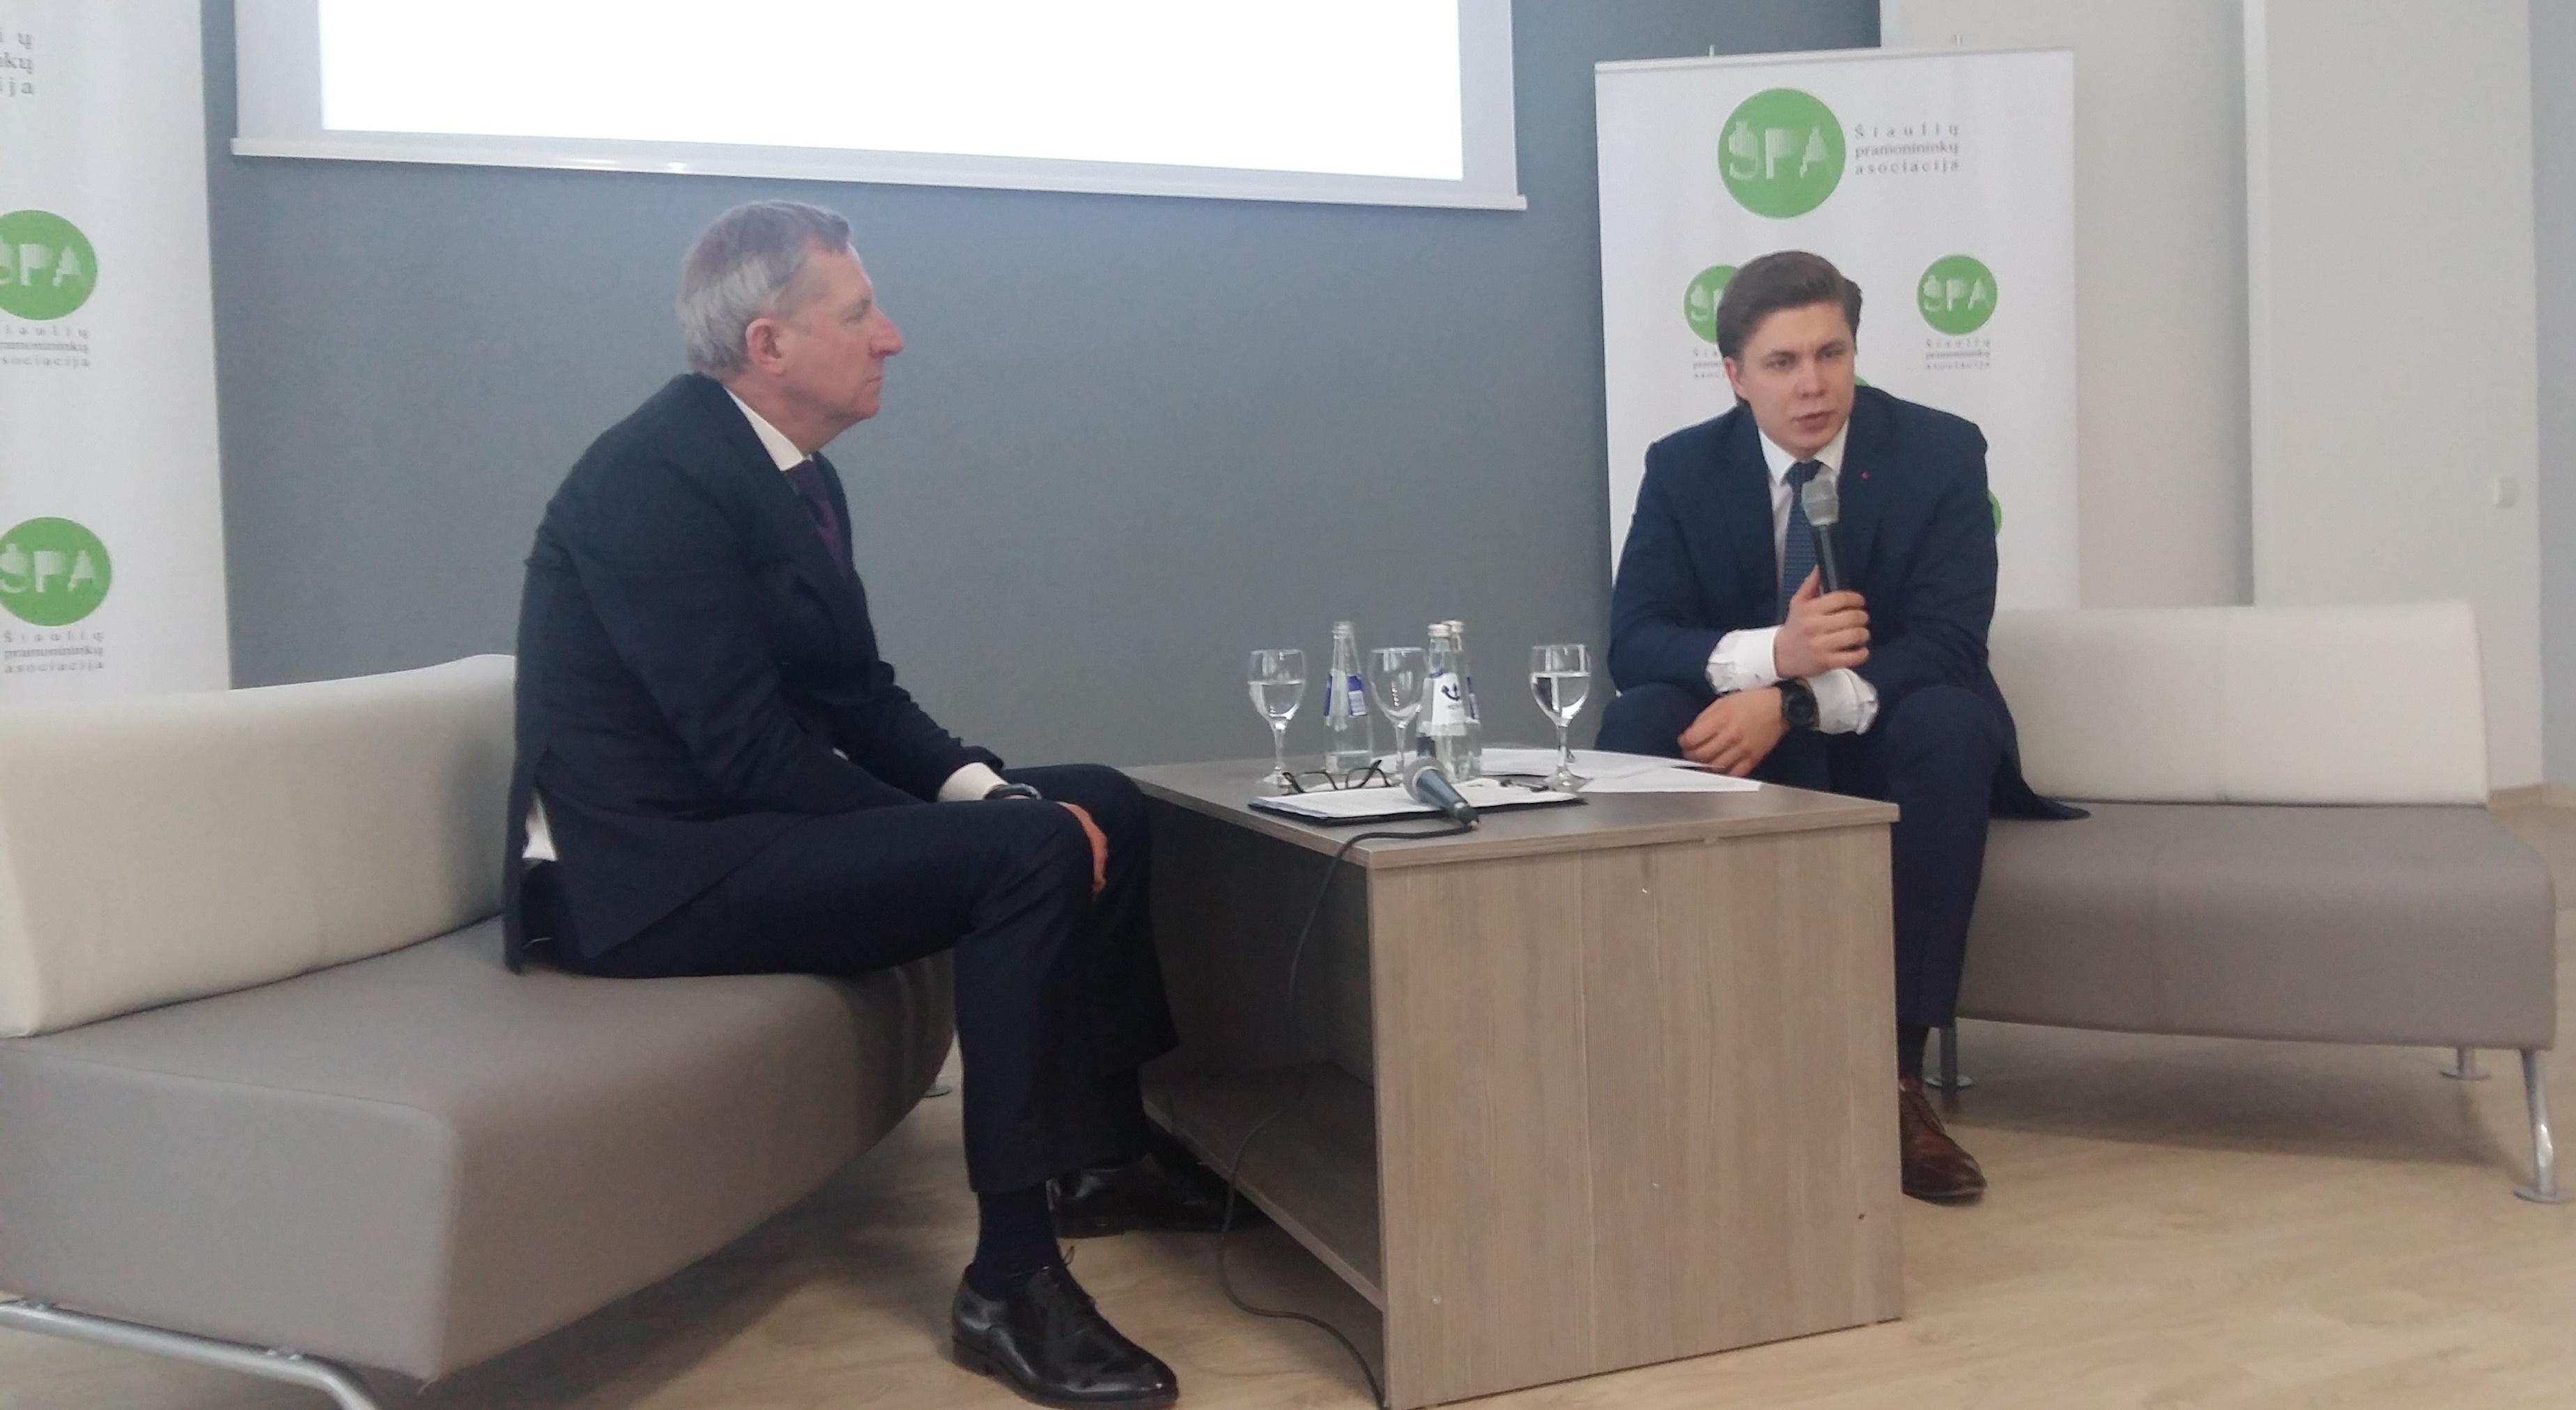 LR ūkio ministras Mindaugas Sinkevičius pristatė Šiaulių regiono pramonės ir verslo plėtros gaires